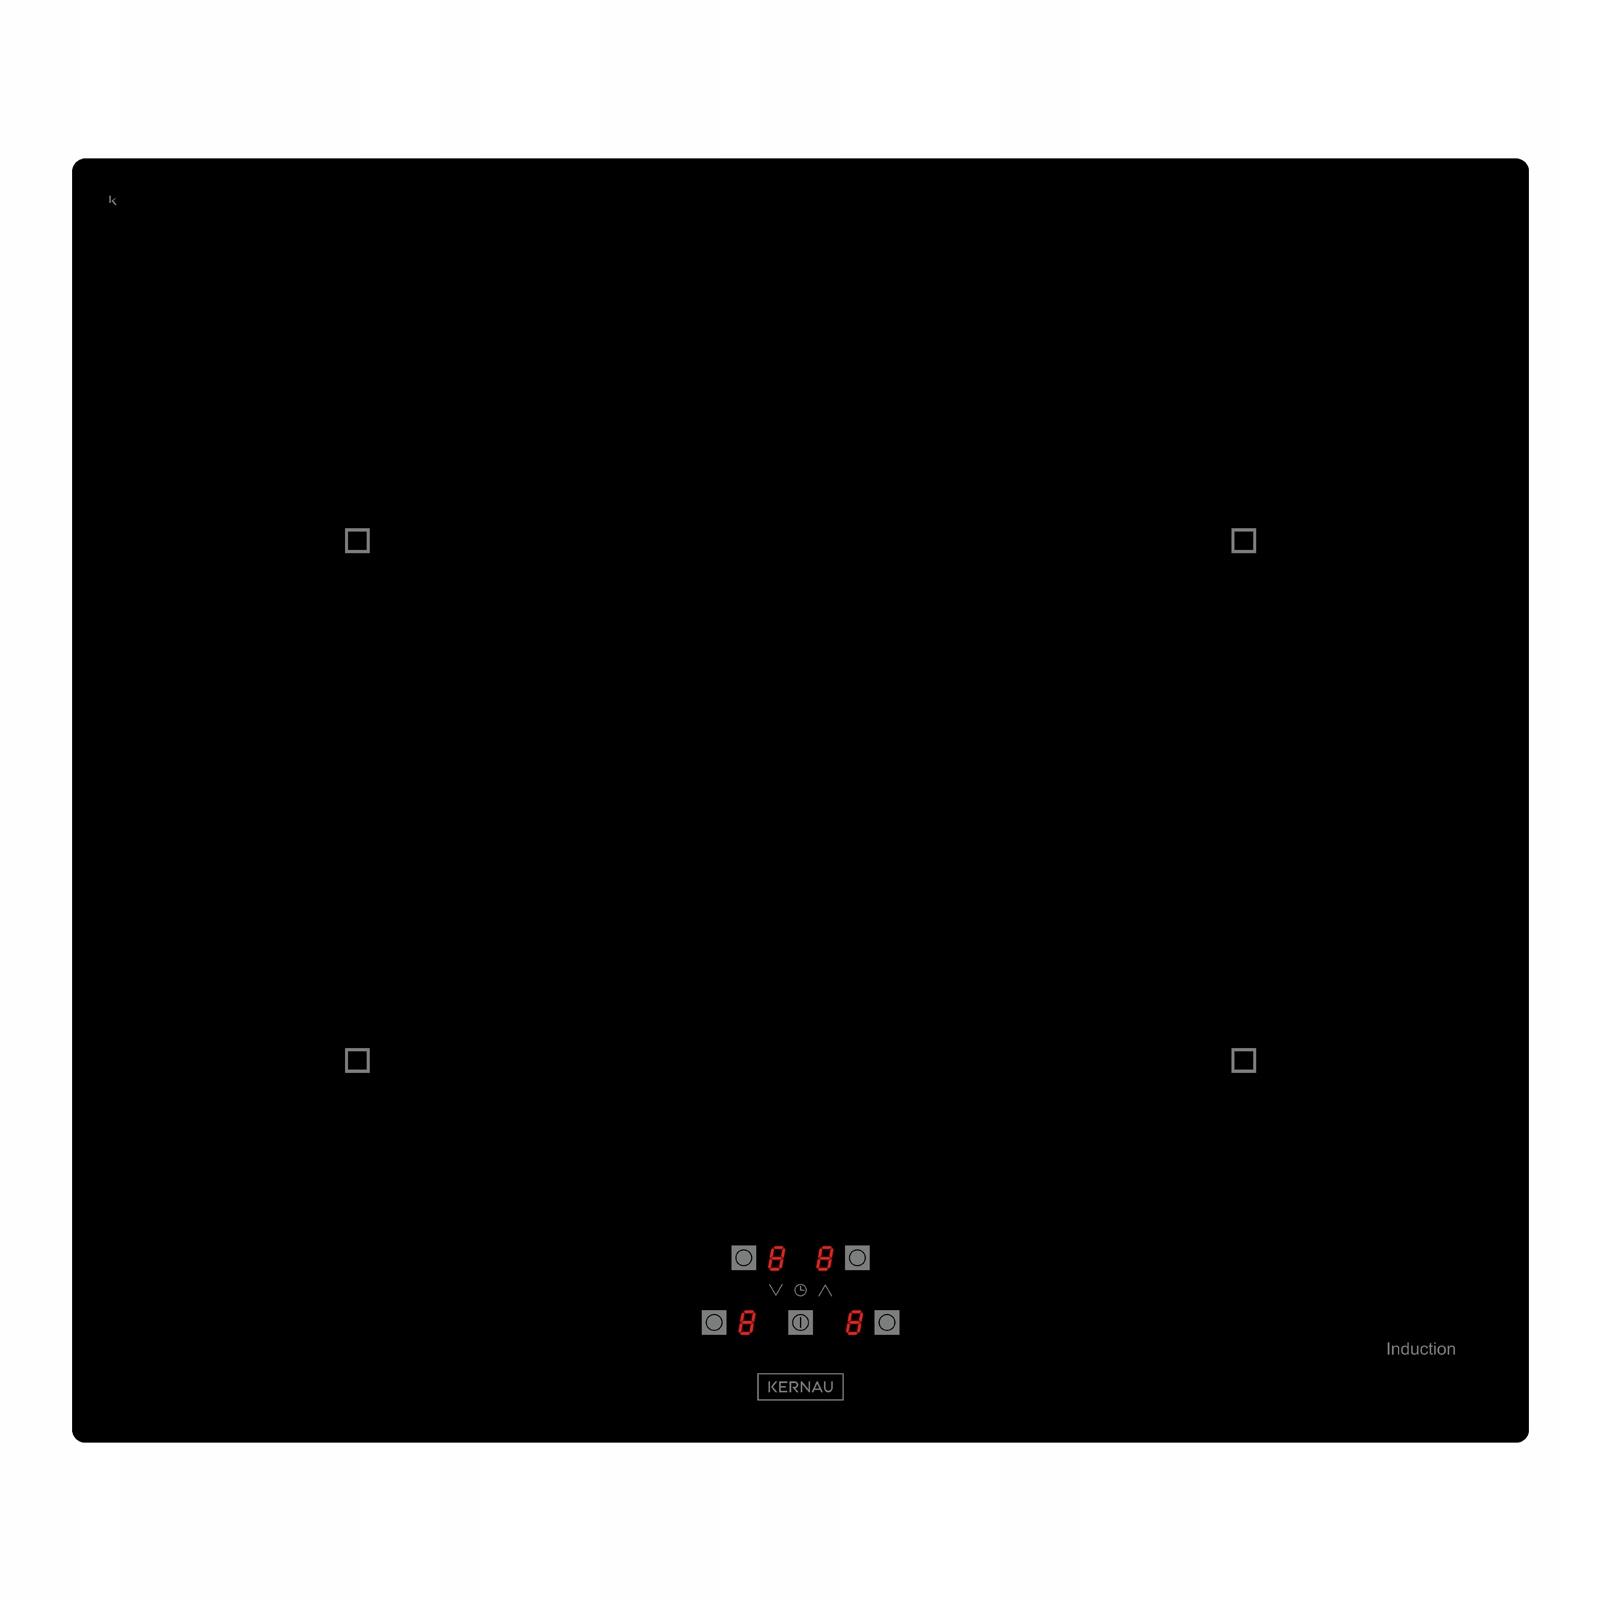 Płyta indukcyjna KERNAU KIH 64.2 STAND-BY